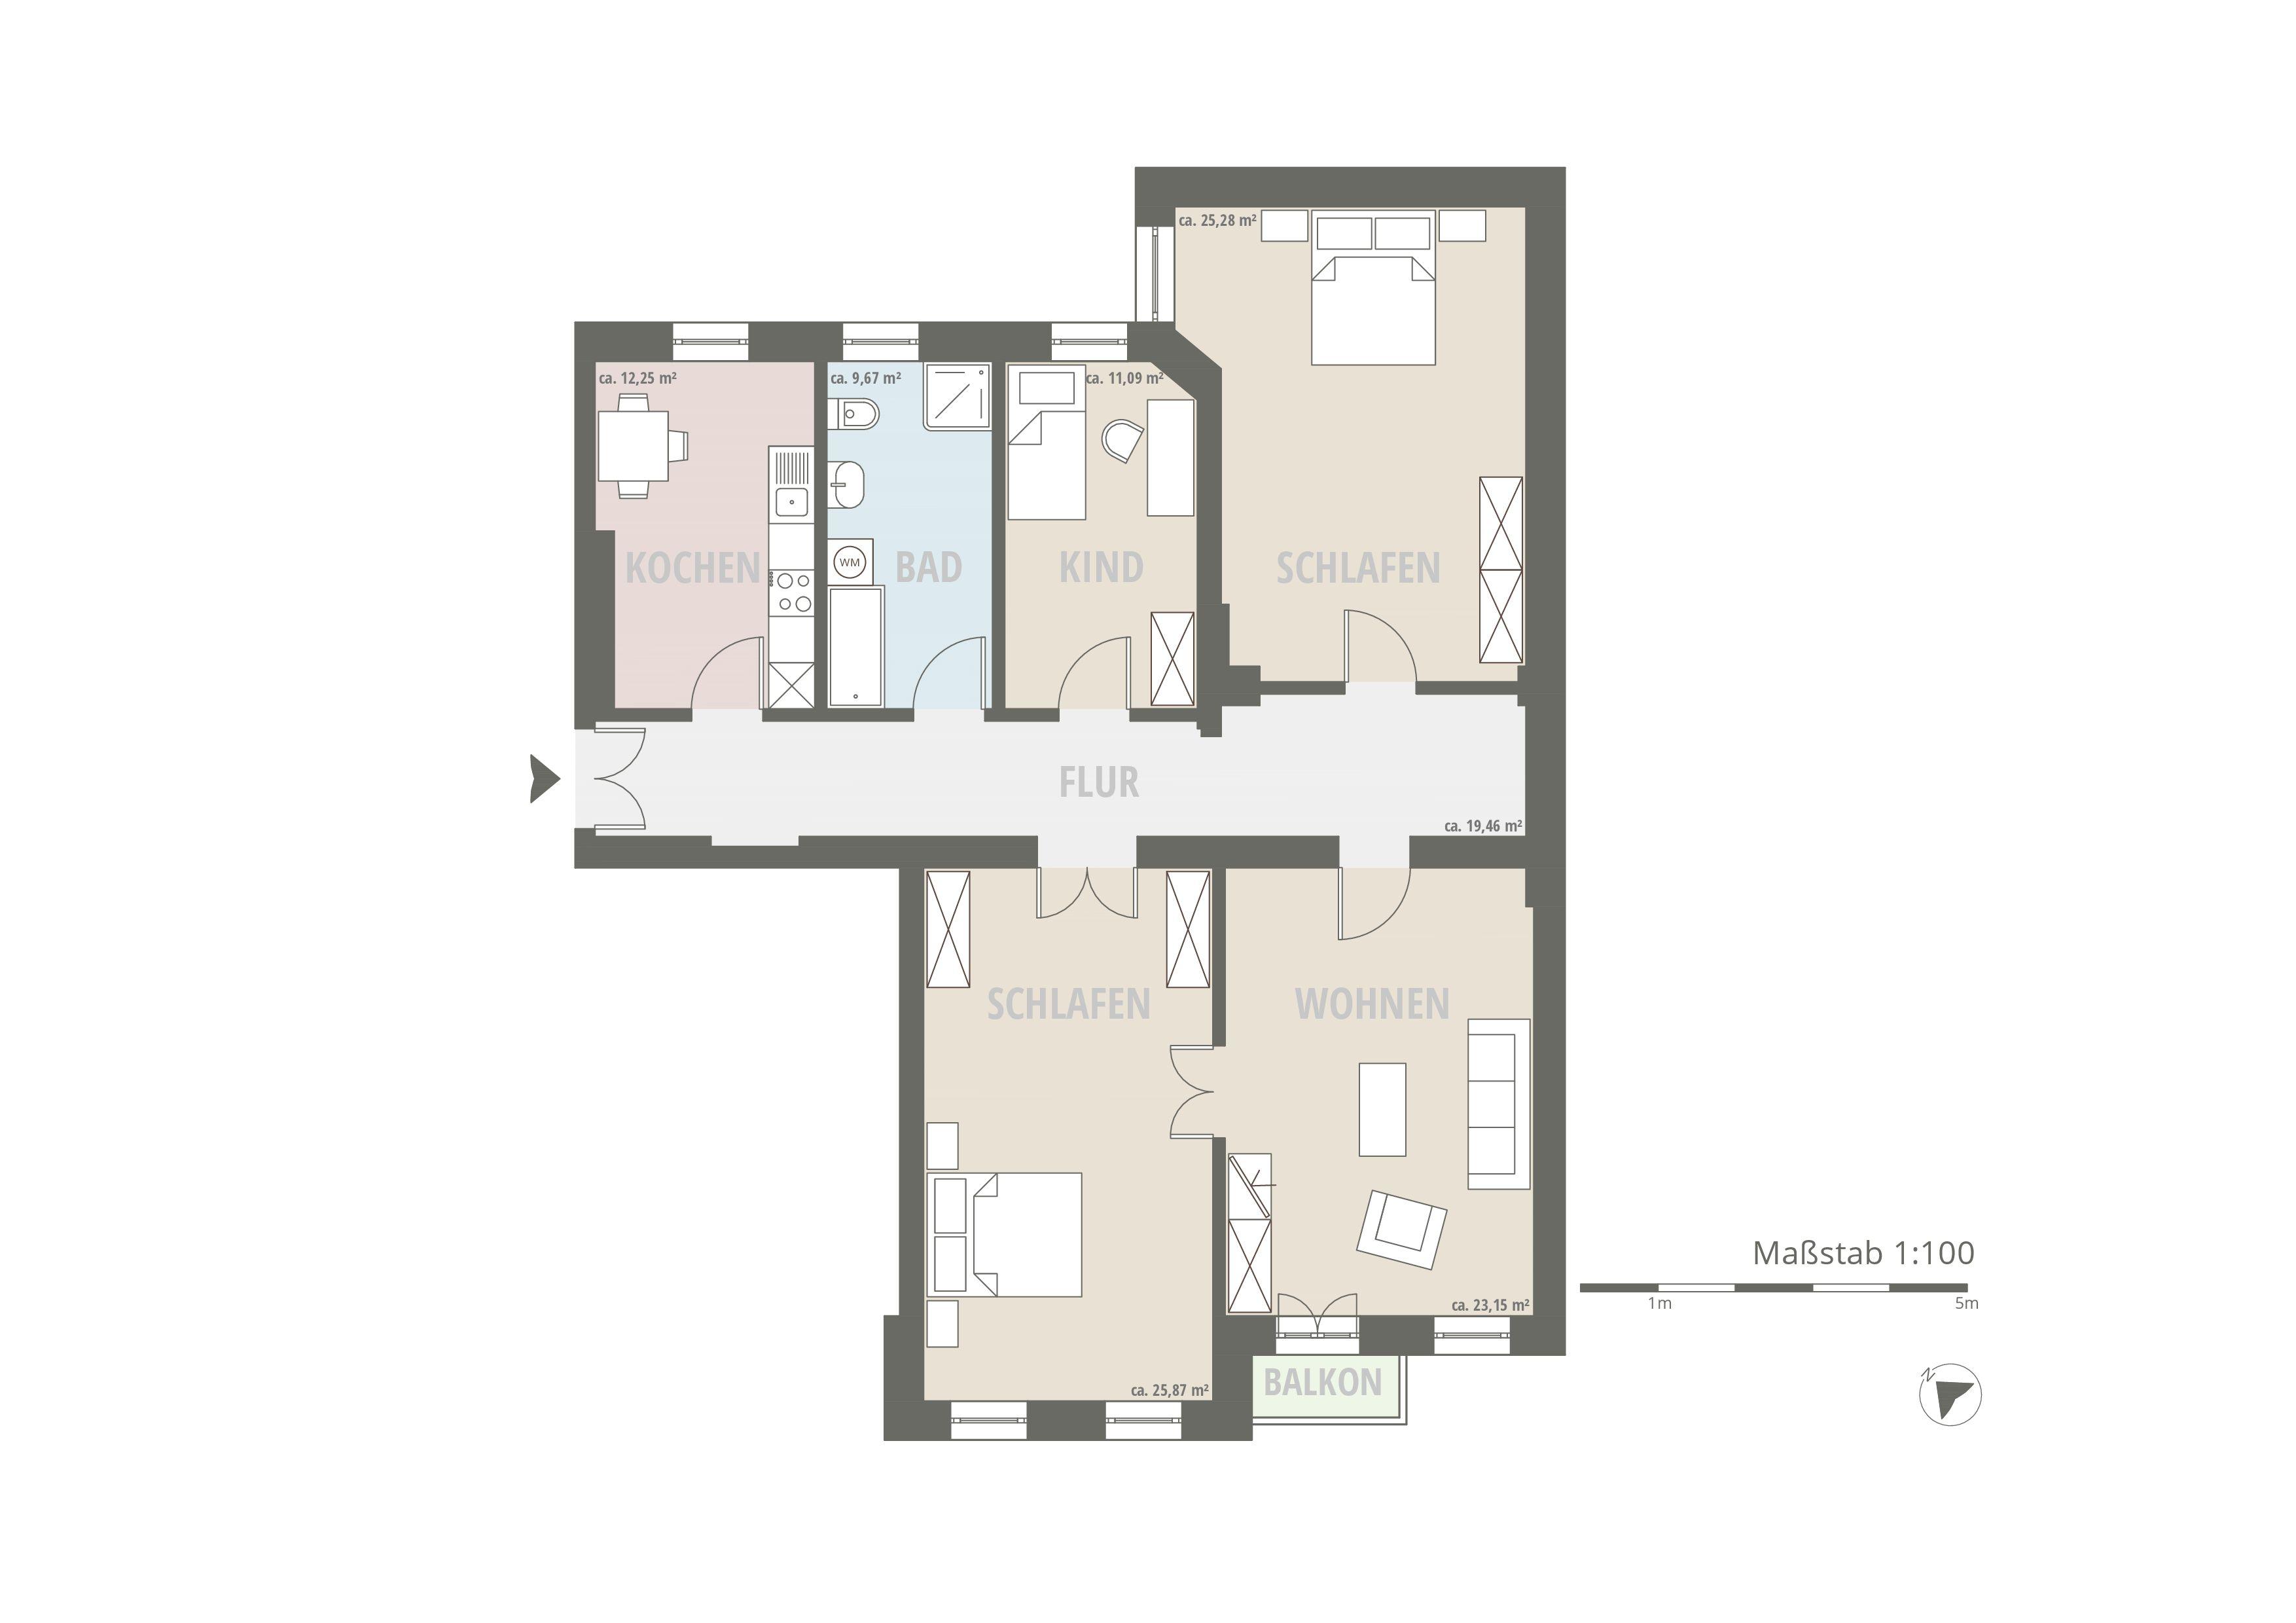 Immobilienmakler Berlin | Die Stuck-Flügeltür-Erker-Altbau-Perle am Friedrichshainer Comeniusplatz